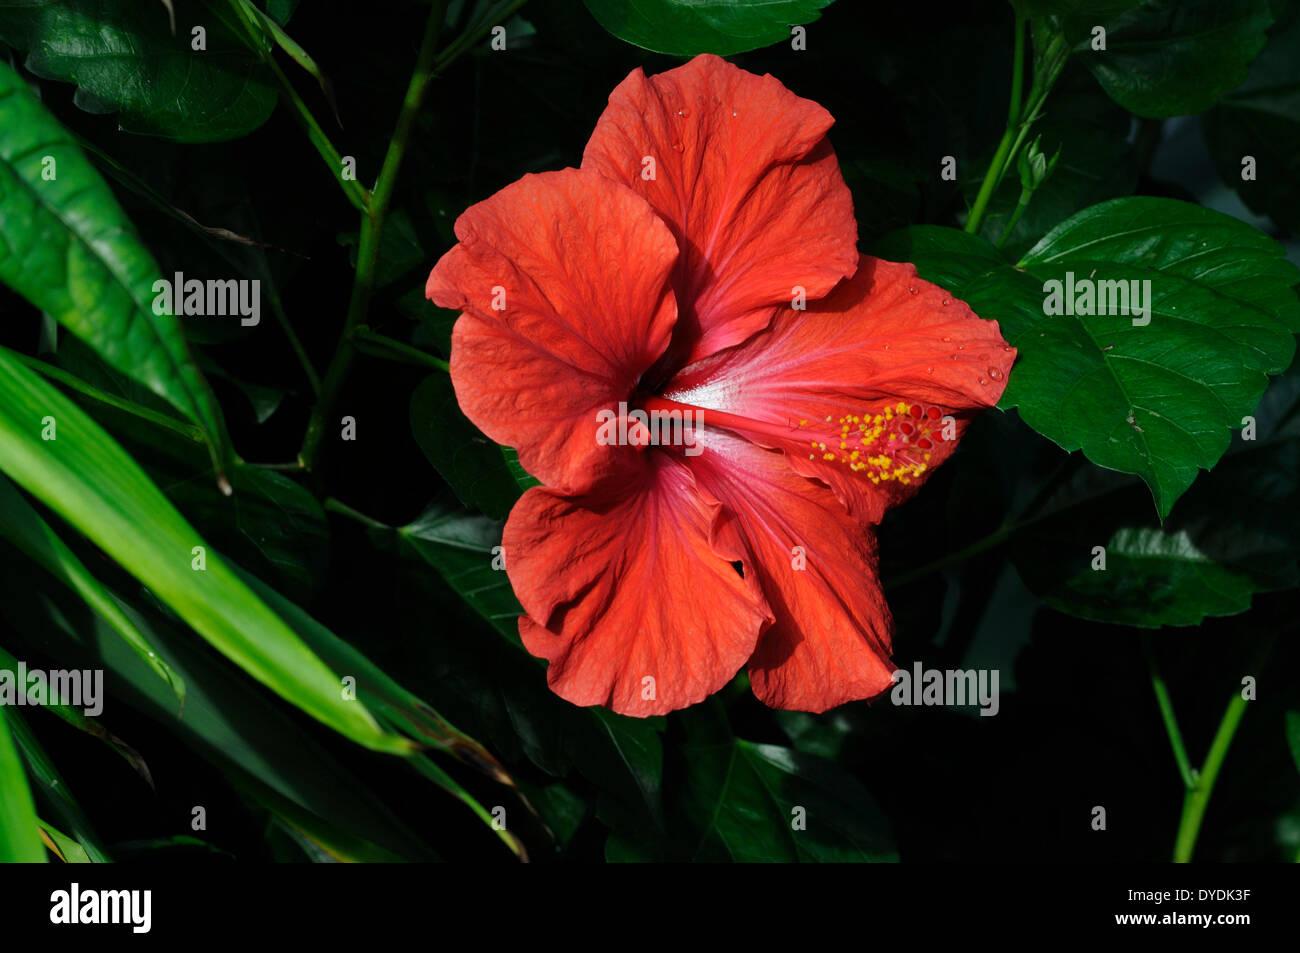 Hibiscus Malvacea Flower Shrub Blossom Origin Asia Botanical